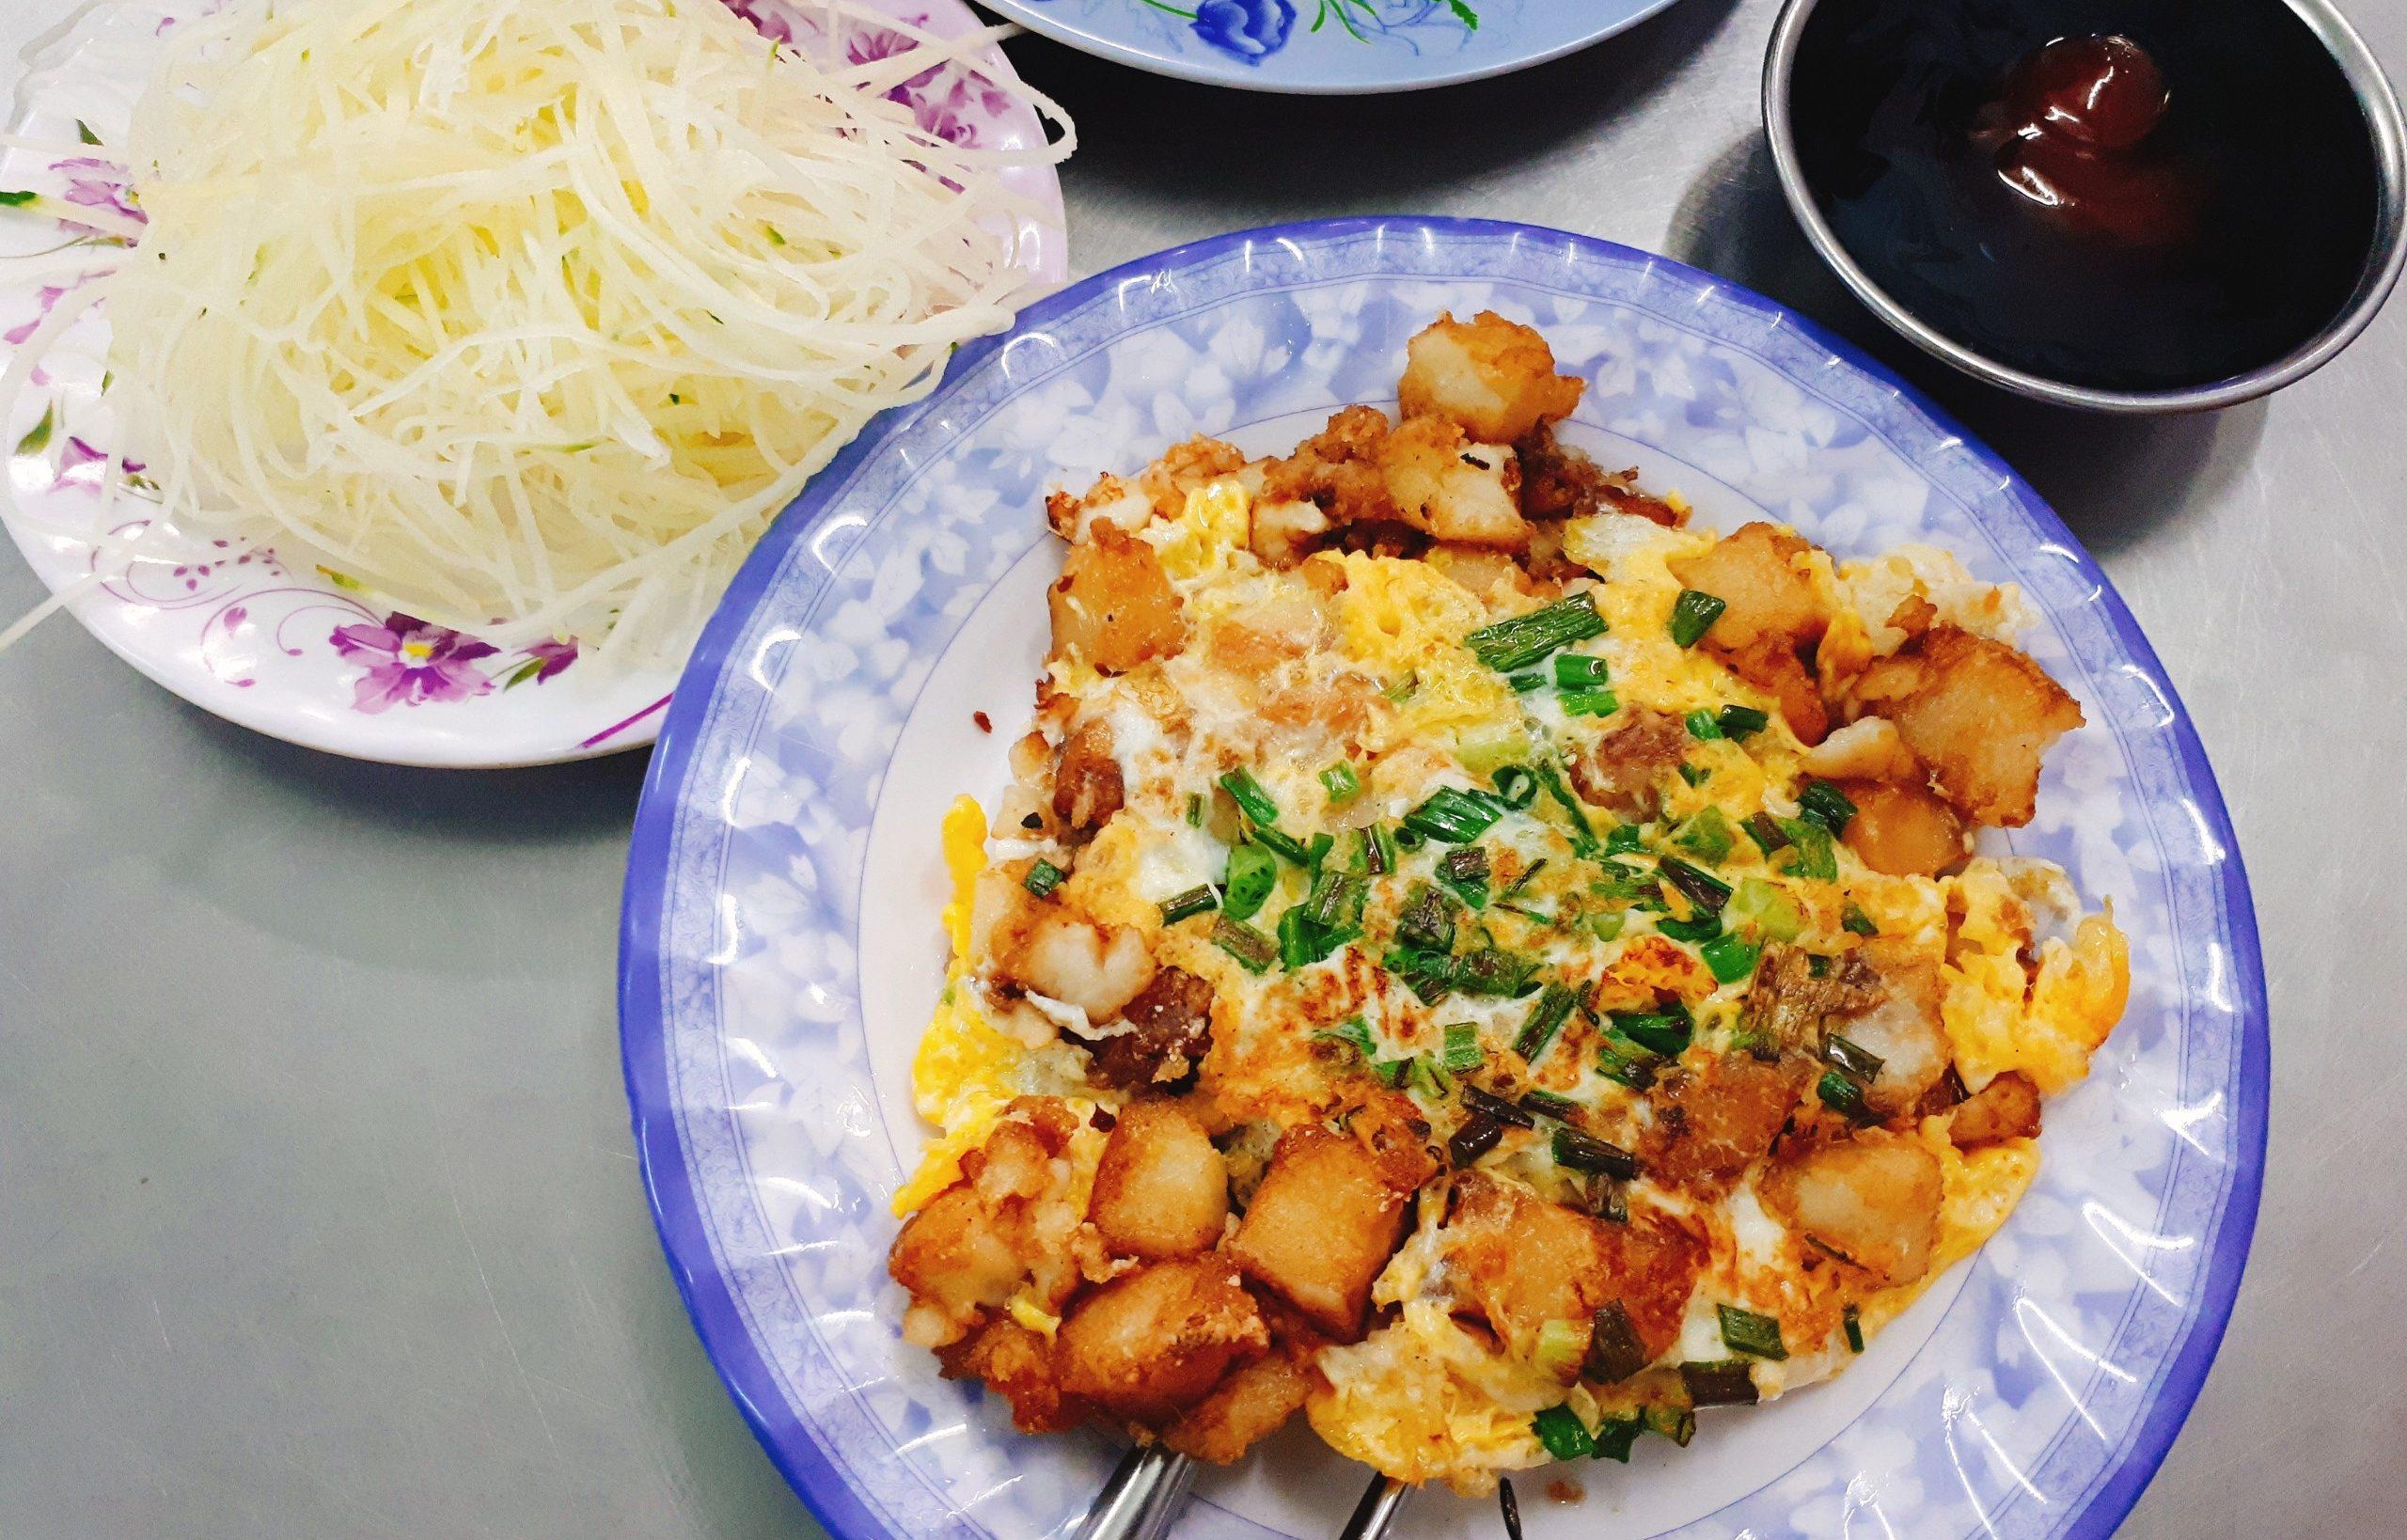 review Bột Chiên Đạt Thành, quán ăn đặc sản sài gòn